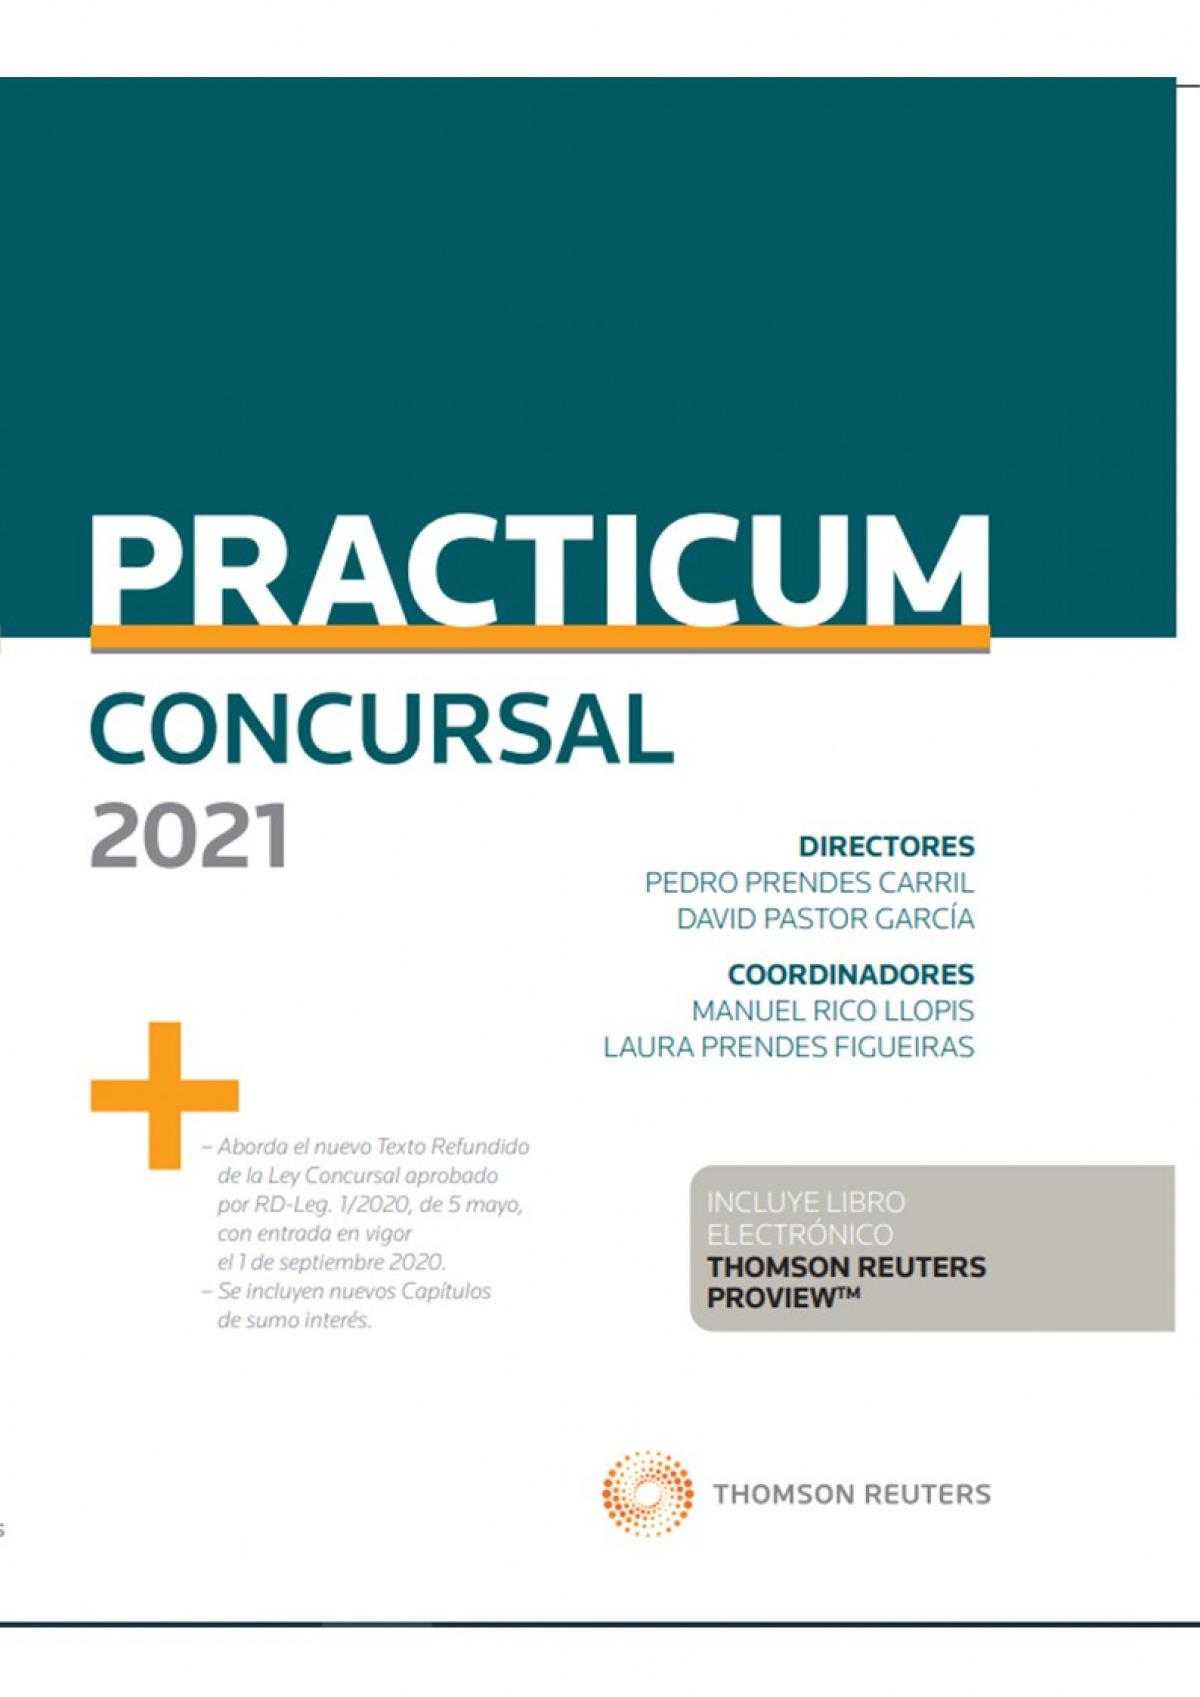 Practicum concursal 2021